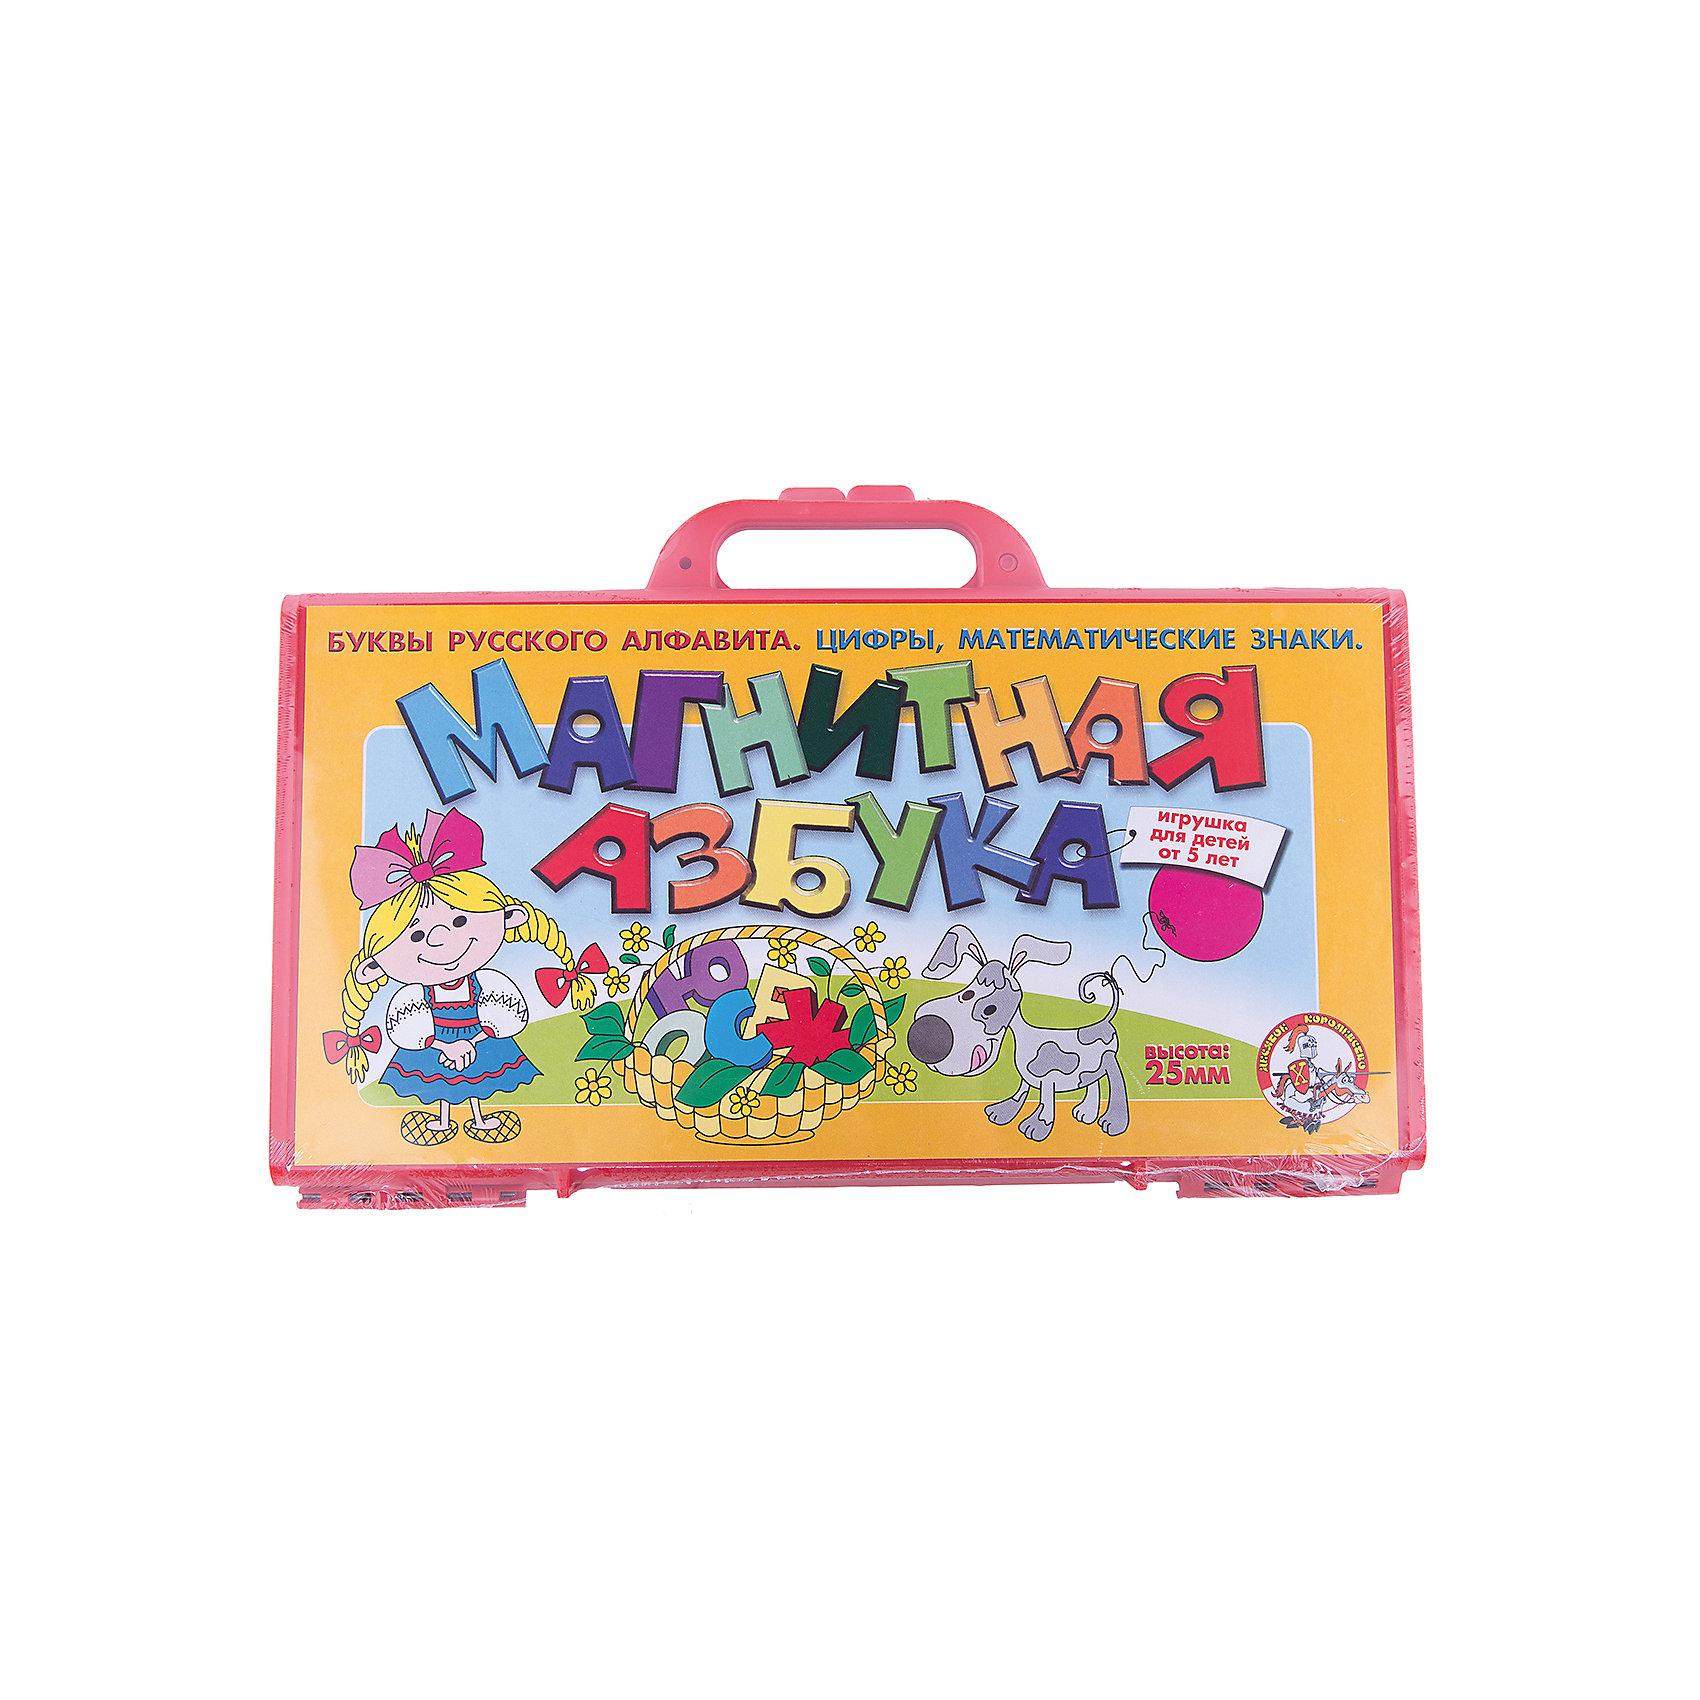 Магнитная Азбука в чемодане, Десятое королевствоИгры для дошкольников<br>Магнитная Азбука в чемодане, Десятое королевство<br><br>Характеристики:<br><br>• В комплекте: пластиковый чемодан, металлическая доска-экран, магнитные вкладыши, буквы и цифры<br>• Размер букв и цифр: 25мм<br>• Количество букв и цифр: 79 шт<br>• Размер чемодана: 39х25,5х3 см<br><br>Этот набор будет служить удобным и наглядным пособием для детей, изучающих буквы и основы счета. На магнитной доске удобно закреплять содержащиеся в наборе объемные буквы и цифры (высотой 25 мм). Пользуясь набором можно закреплять знания по русскому языку и решать примеры на сложение-вычитание. Весь набор хранится в удобном чемодане и легок в транспортировке.<br><br>Магнитная Азбука в чемодане, Десятое королевство можно купить в нашем интернет-магазине.<br><br>Ширина мм: 380<br>Глубина мм: 240<br>Высота мм: 30<br>Вес г: 910<br>Возраст от месяцев: 60<br>Возраст до месяцев: 84<br>Пол: Унисекс<br>Возраст: Детский<br>SKU: 5471702